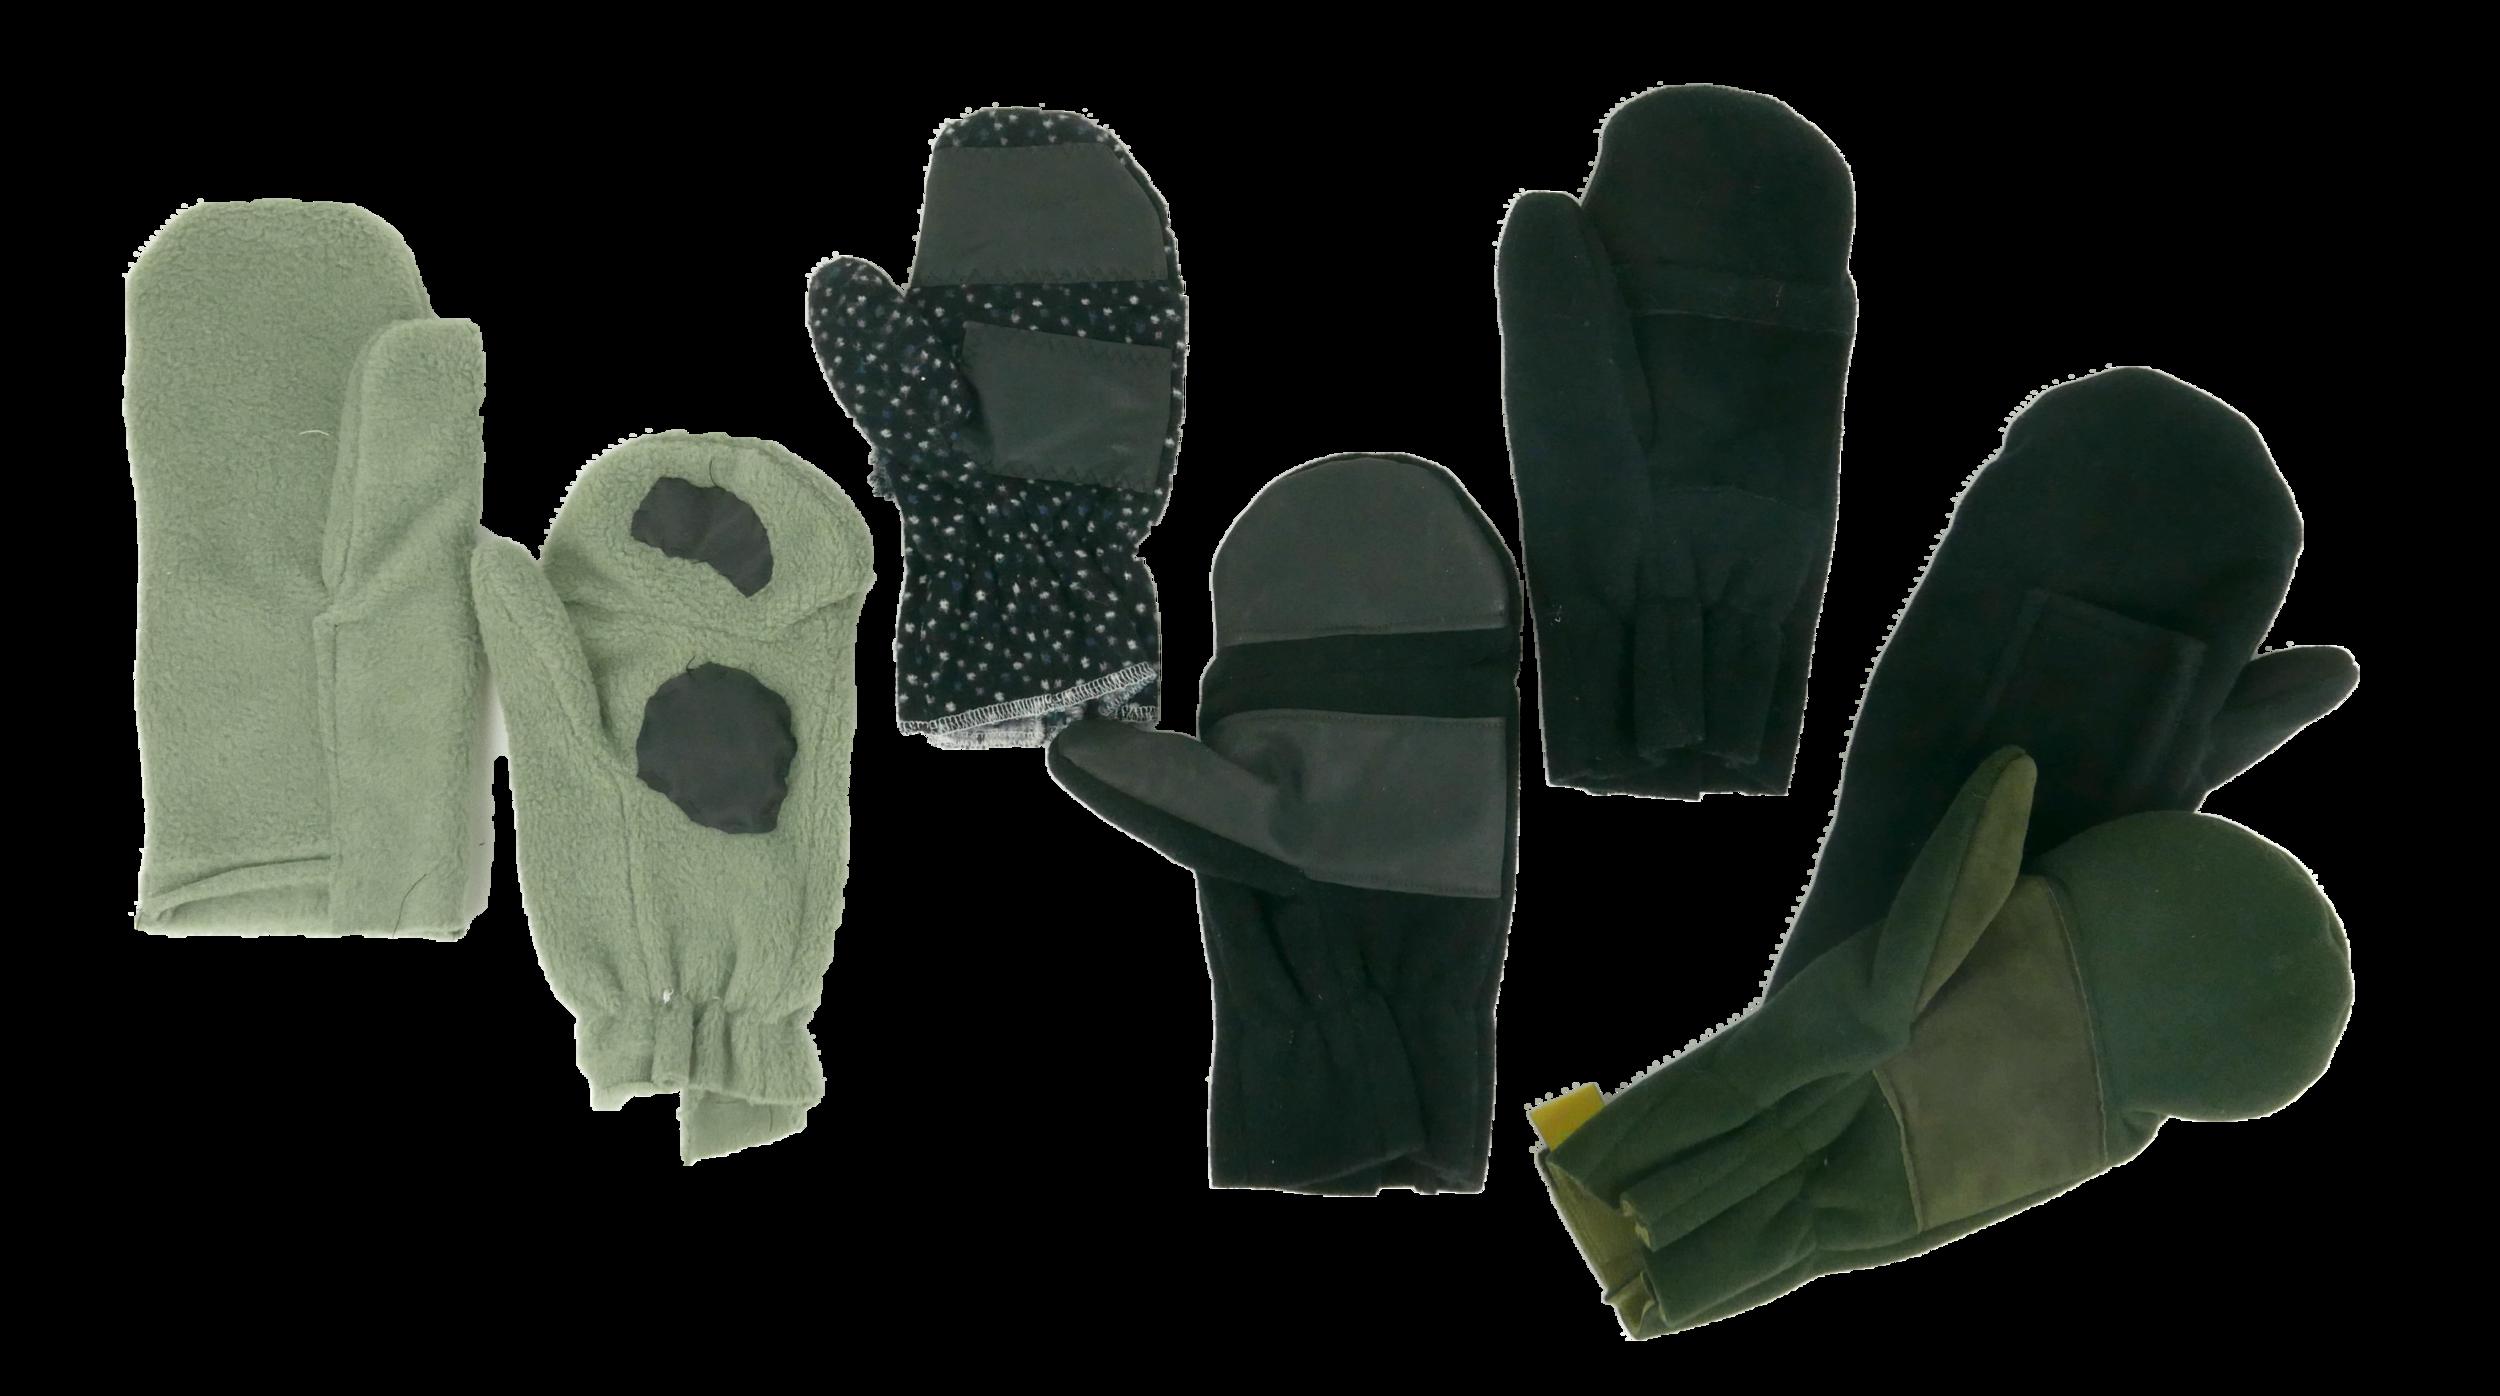 The Handi-Capable Mittens